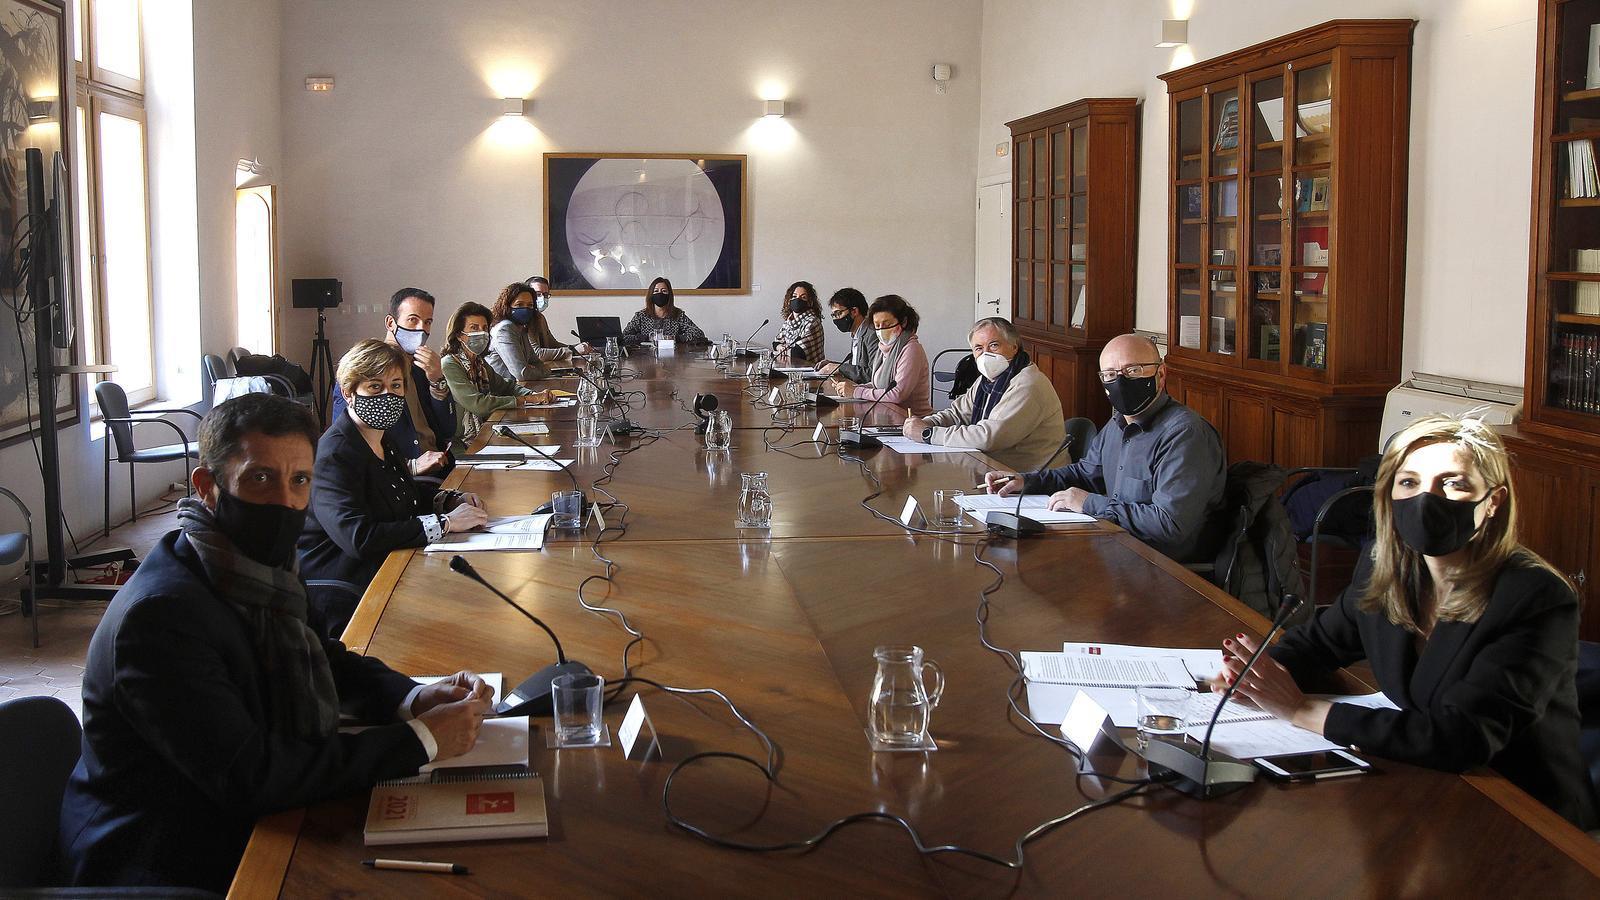 Reunió extraordinària de la Comissió de seguiment del Pacte per a la Reactivació Econòmica i Social de les Illes. / ISAAC BUJ